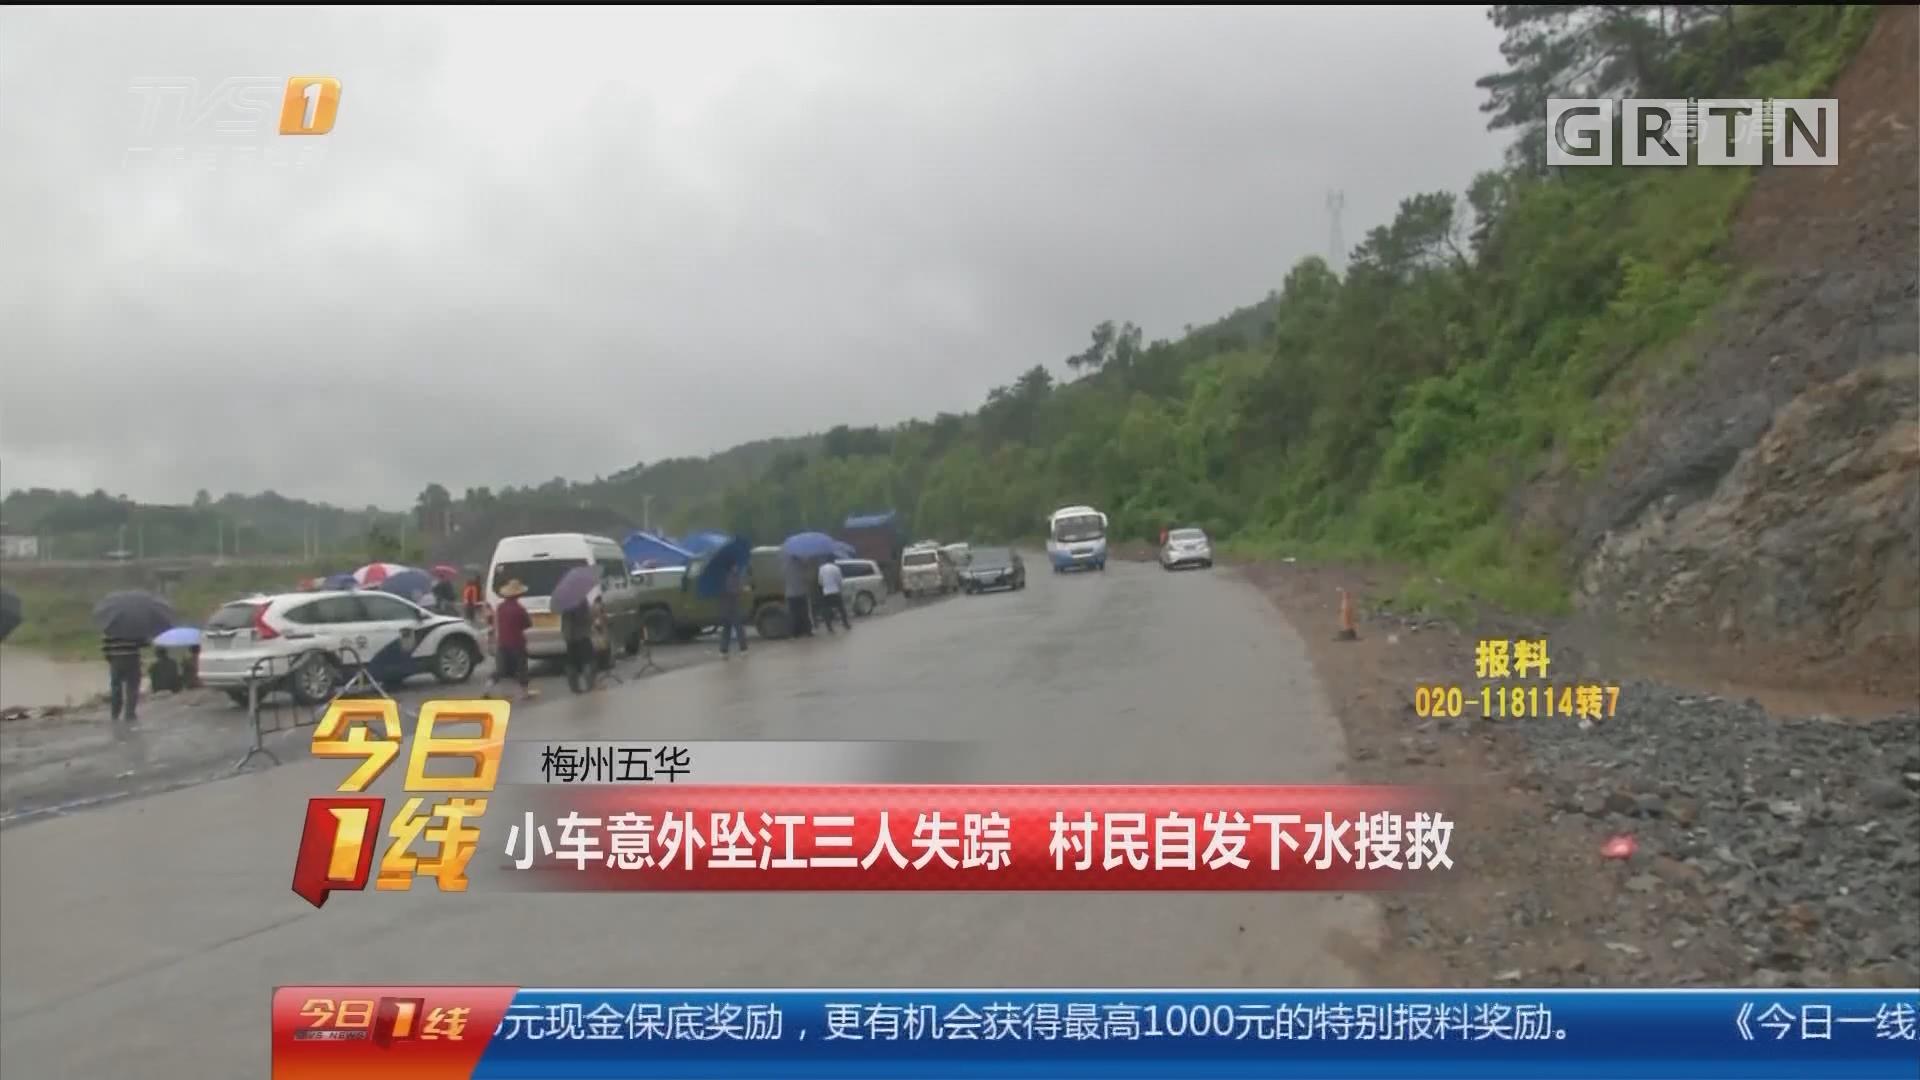 梅州五华:小车意外坠江三人失踪 村民自发下水搜救